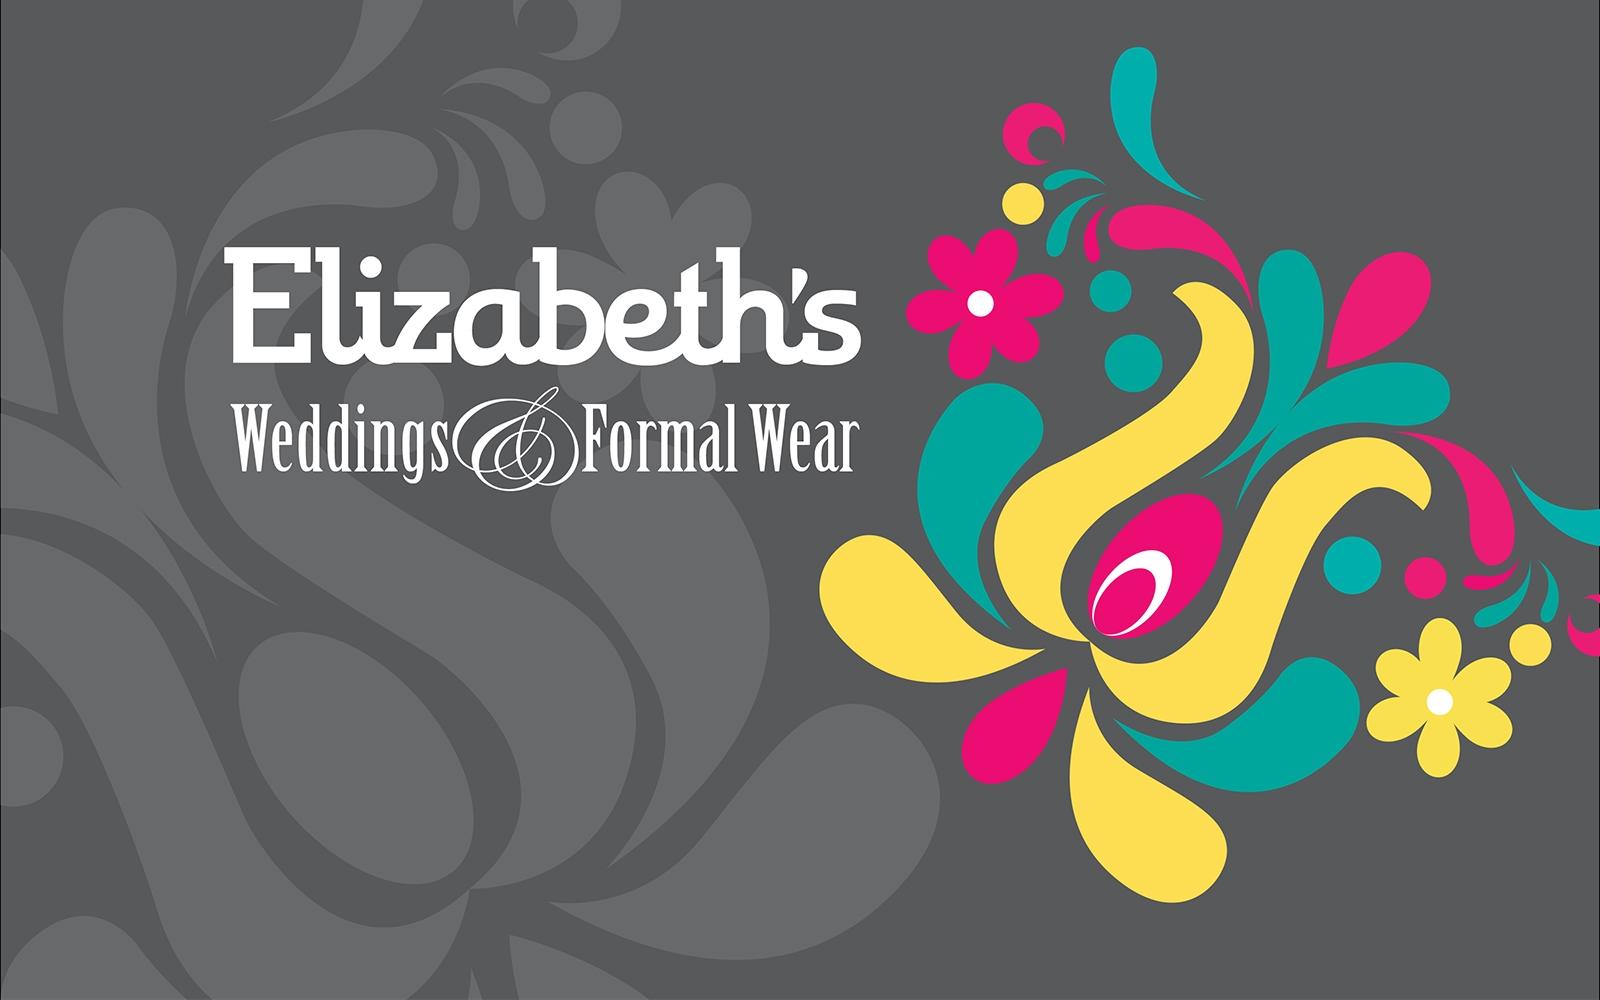 Elizabeth's Weddings & Formal Wear